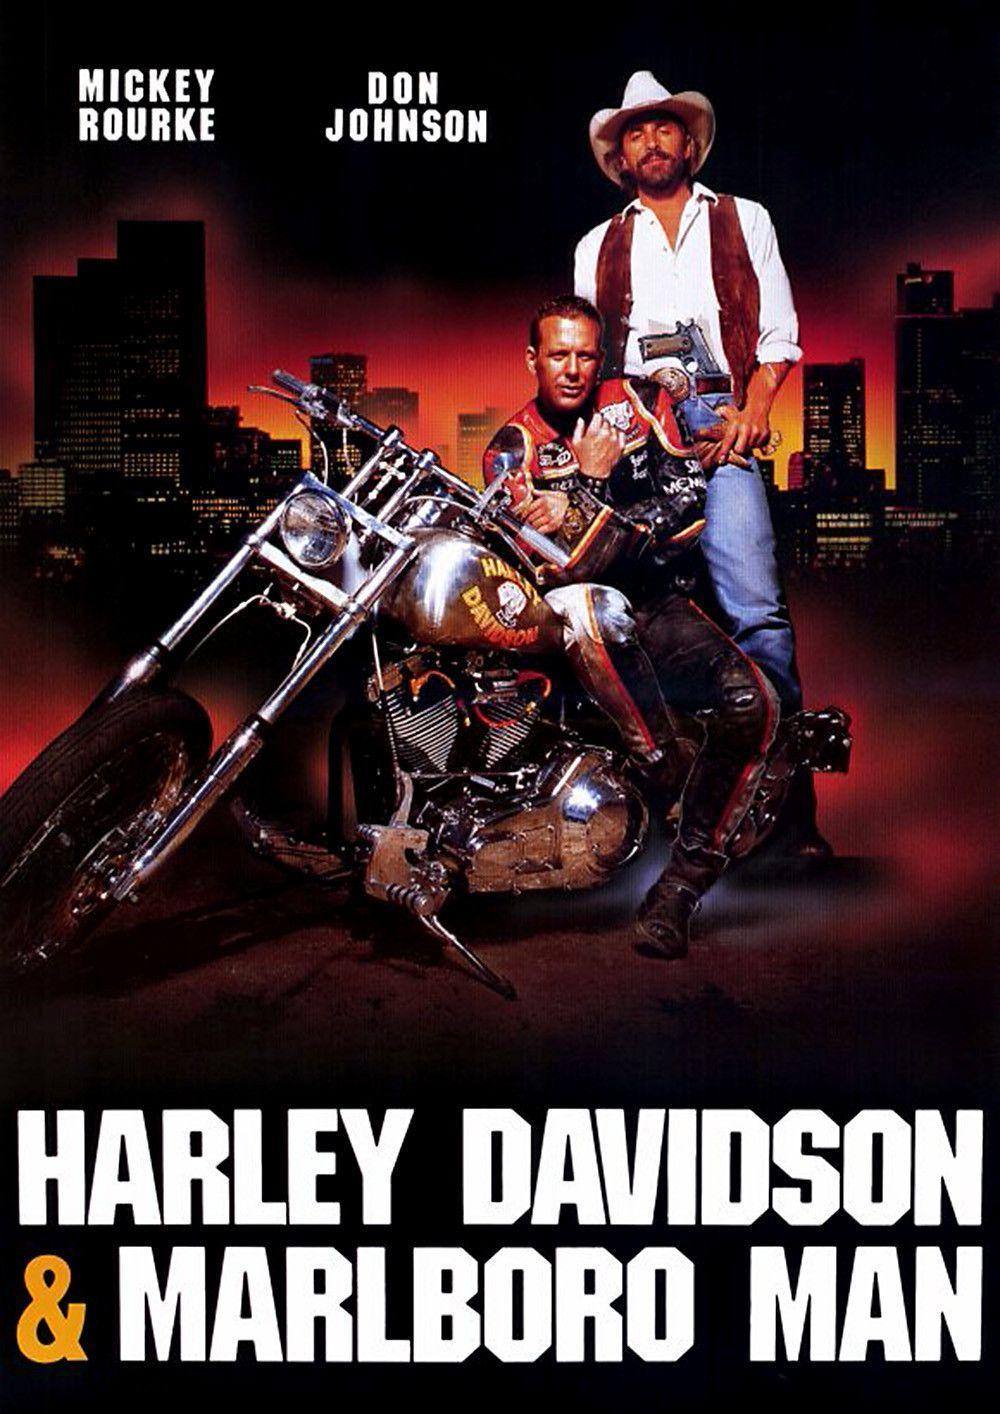 Hd Jpg 1000 1414 Marlboro Man Harley Davidson Harley